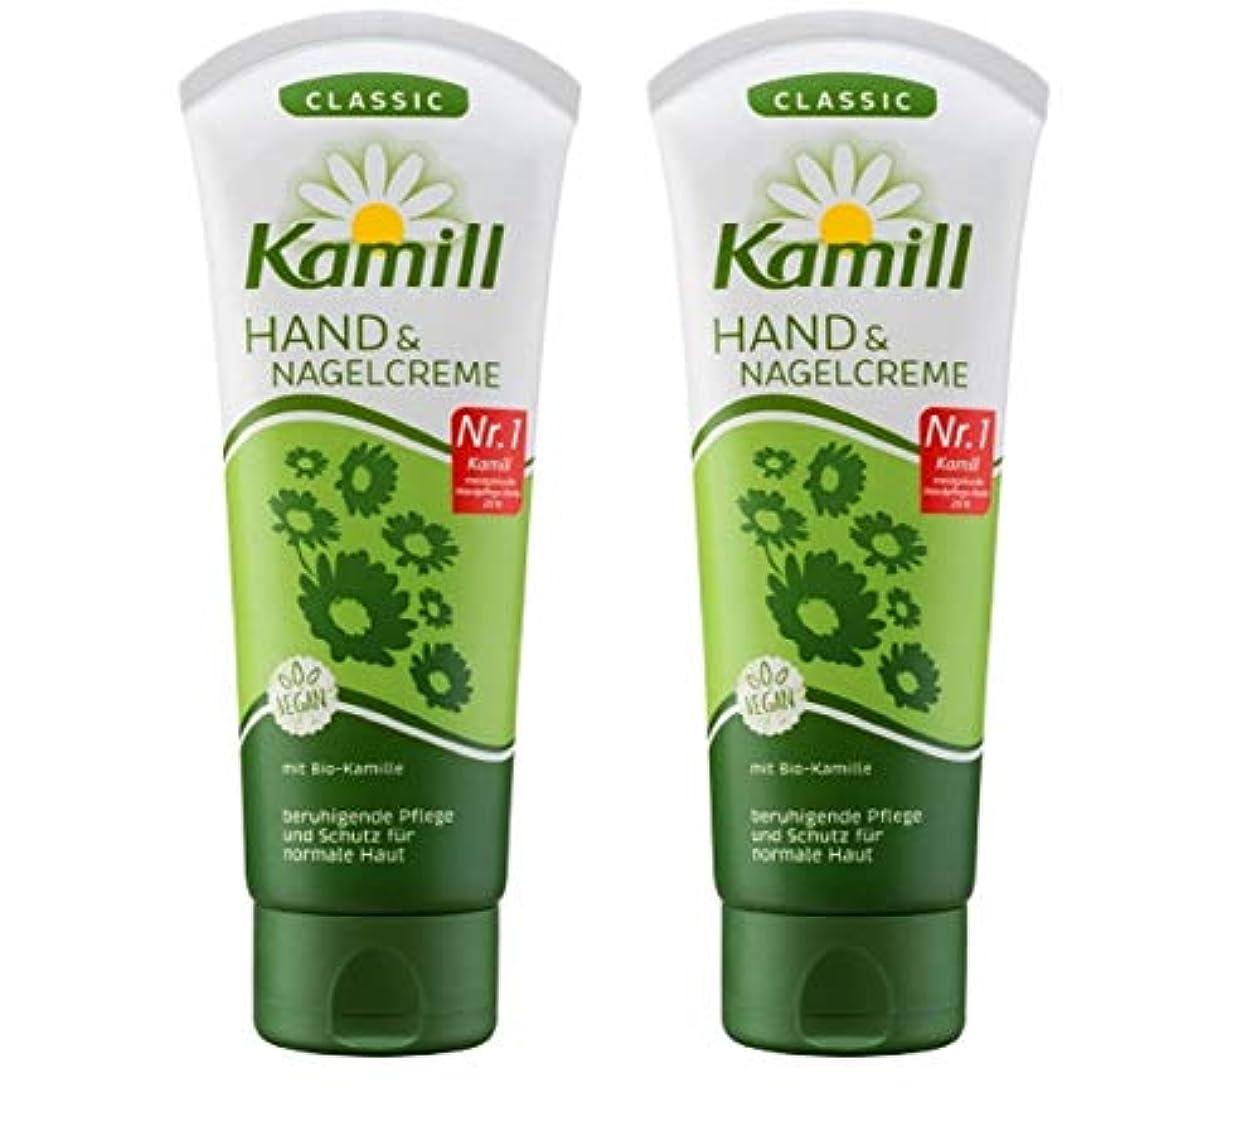 ブリッジ拒絶する最初[Kamill]カミール ハンド&ネイルクリームクラシック100mlx2